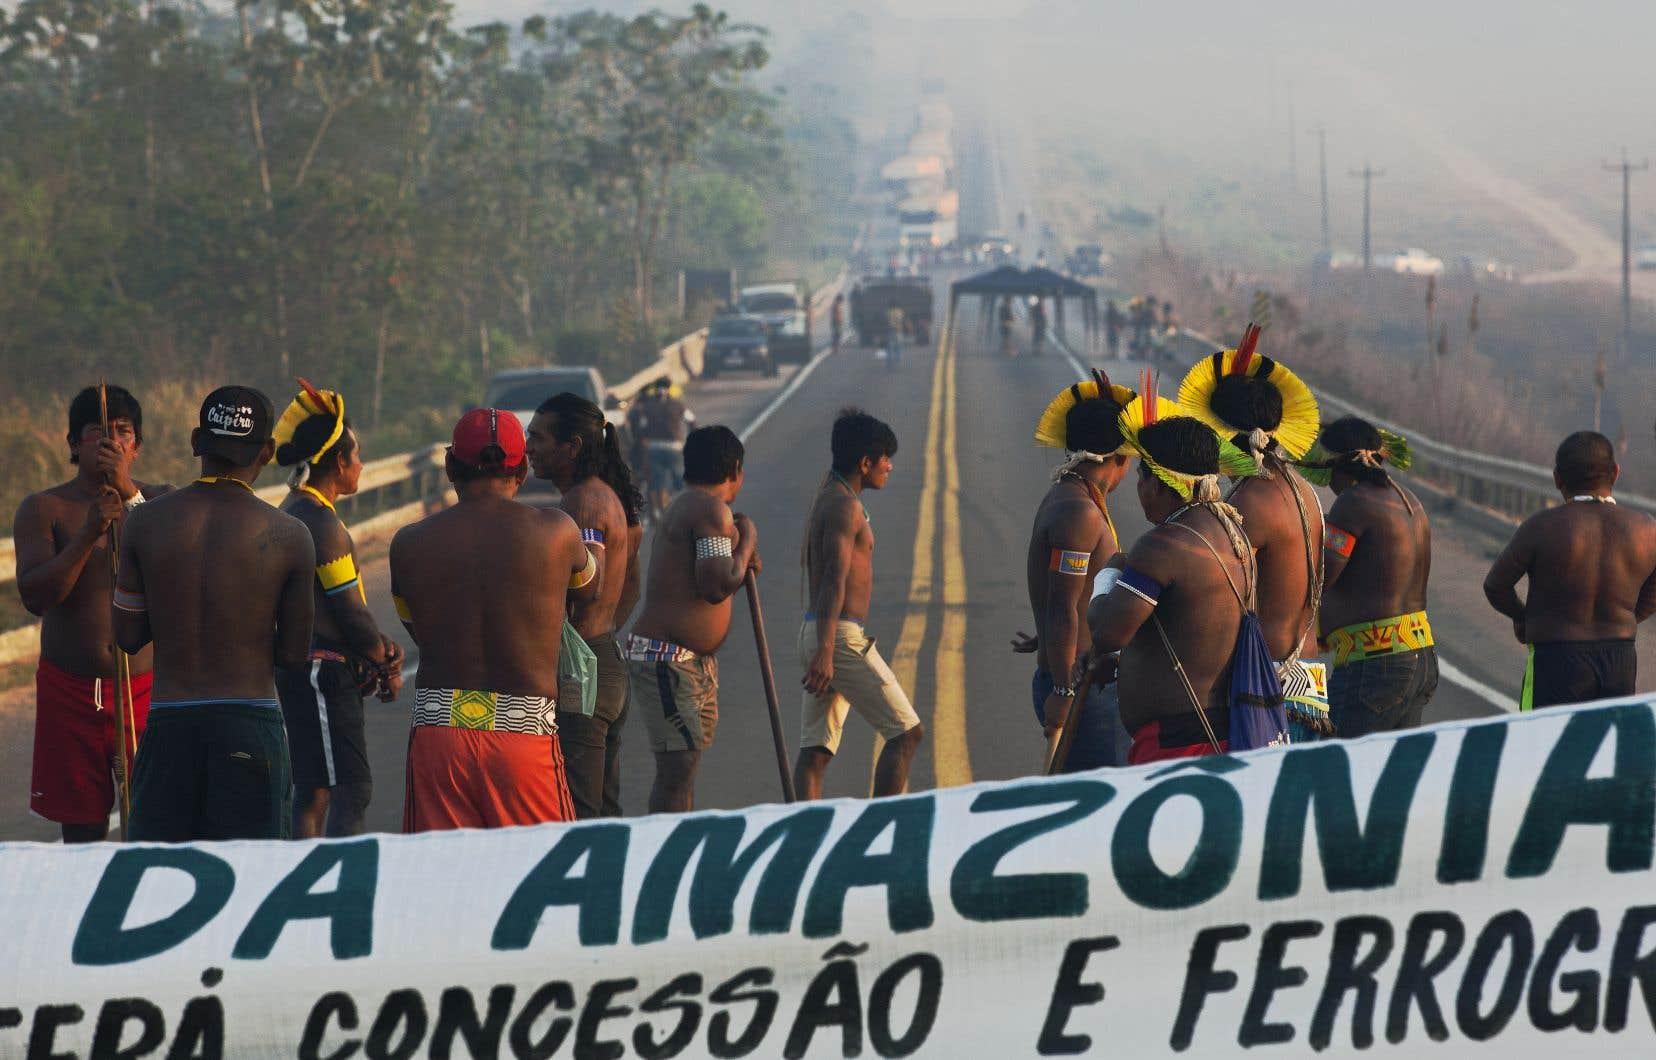 Des membres de la tribu des Kayapo Mekragnoti ont bloqué un important axe routier d'Amazonie.